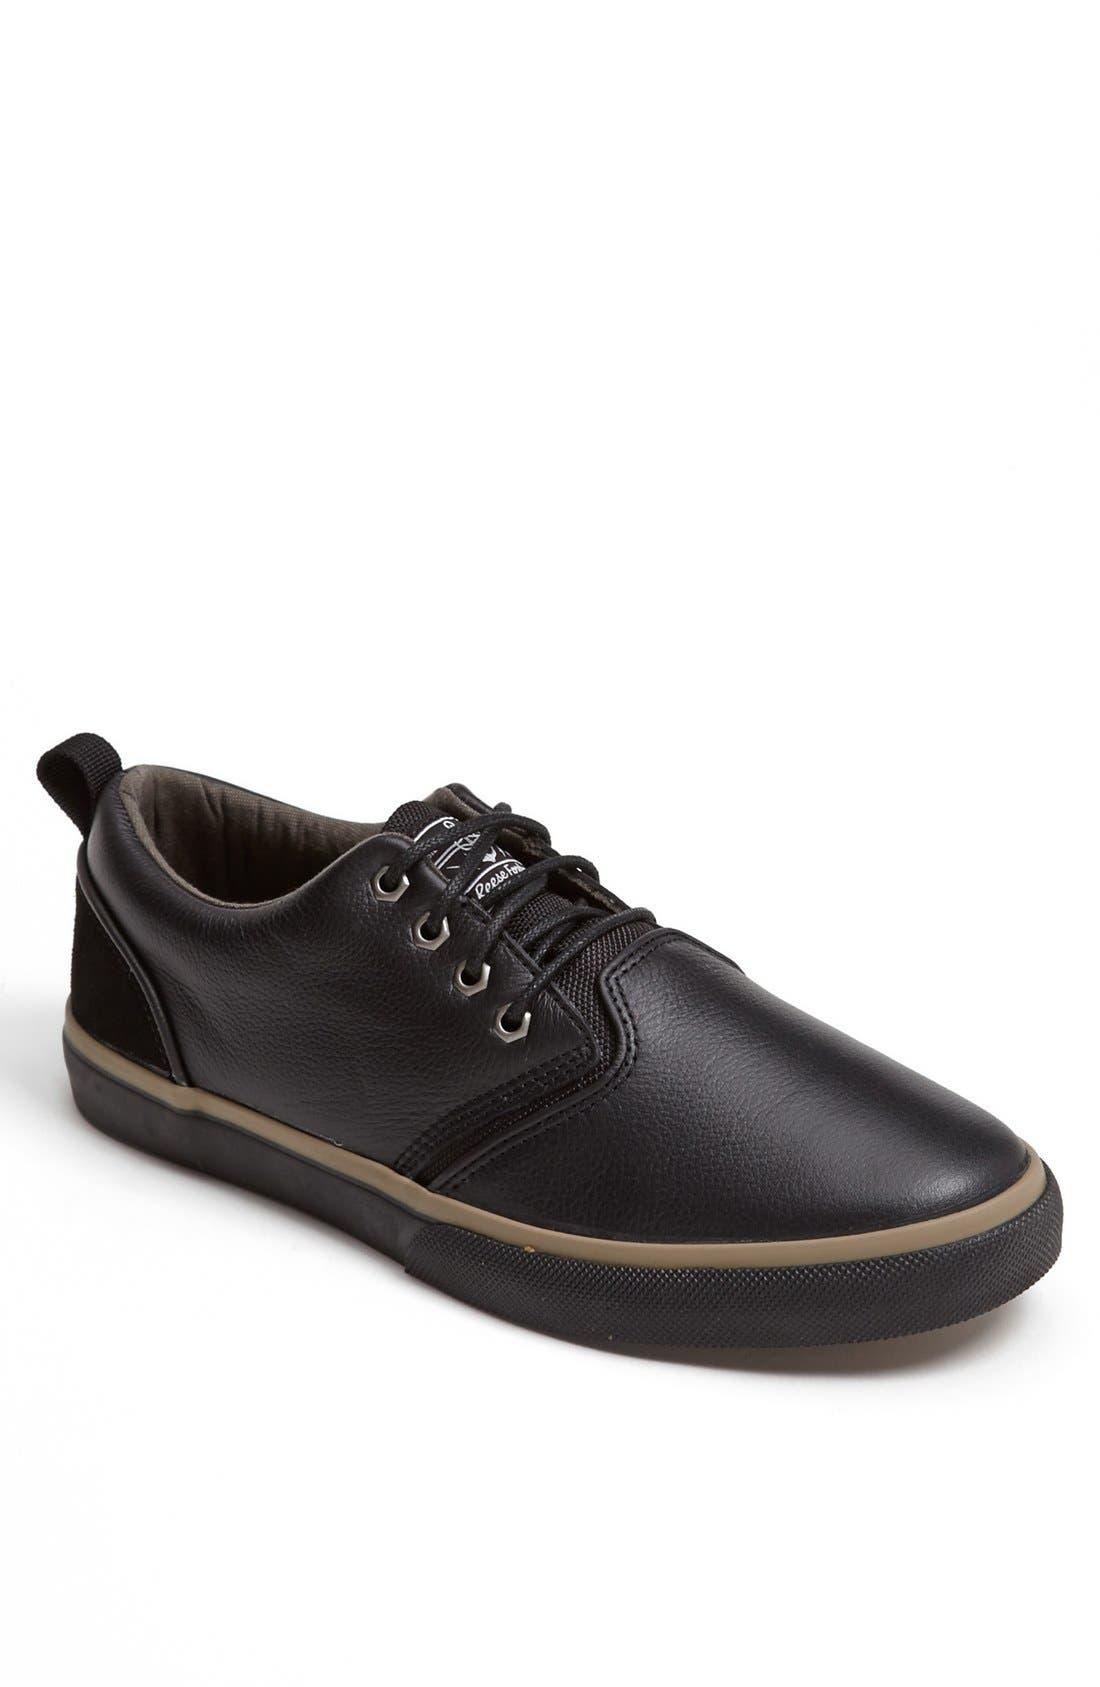 Main Image - Quiksilver 'RF1 Low Premium' Sneaker (Men)